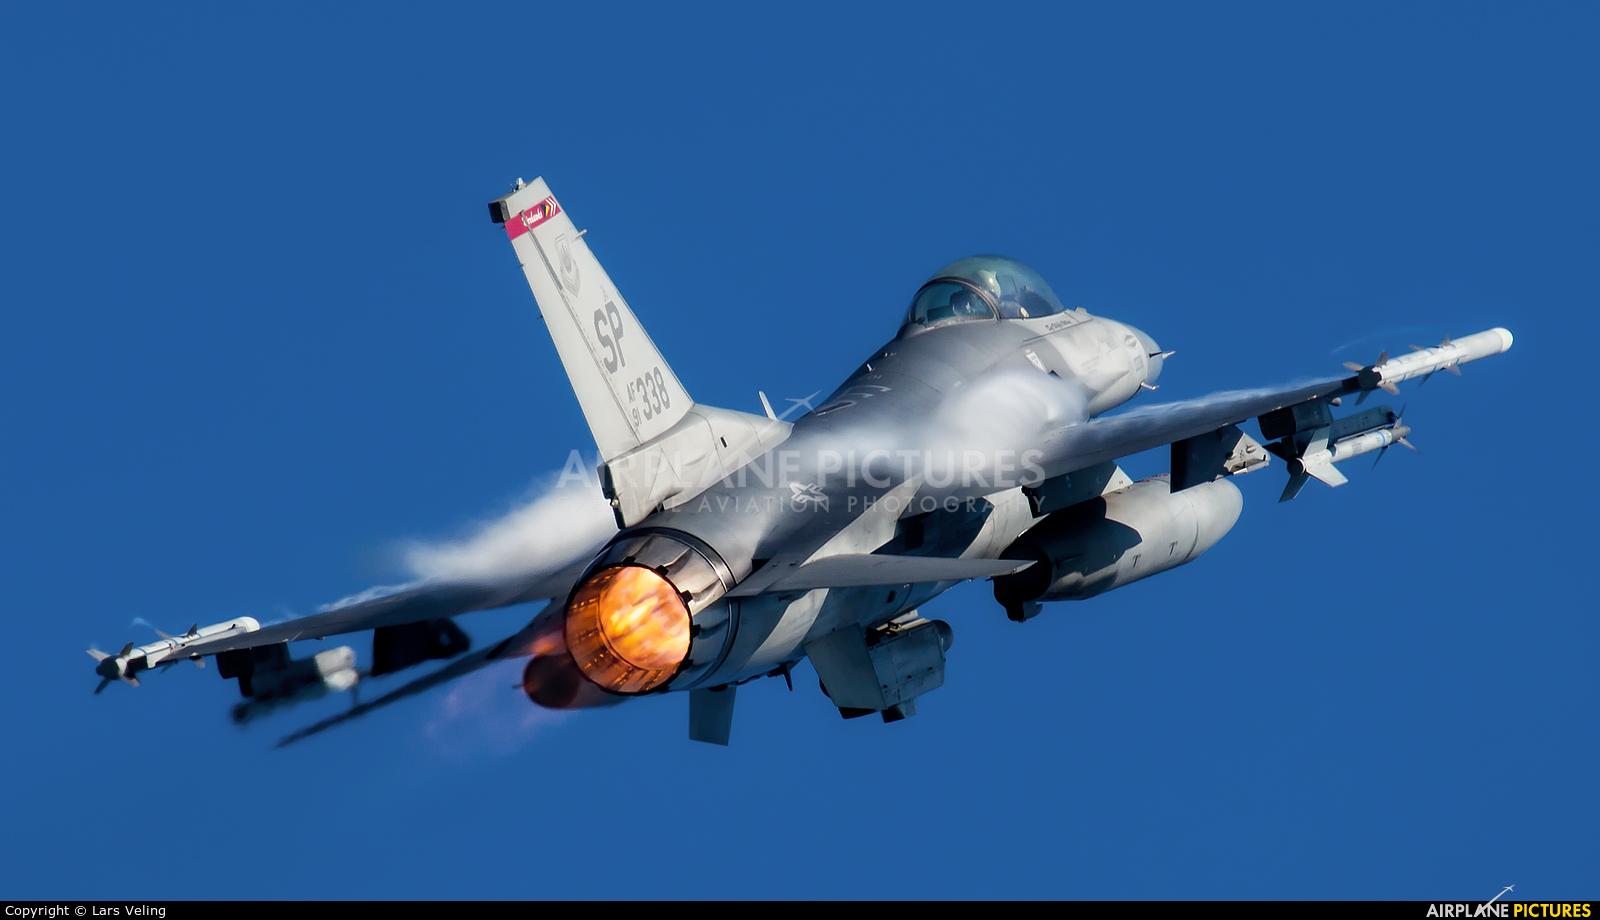 USA - Air Force 91-0388 aircraft at Spangdahlem